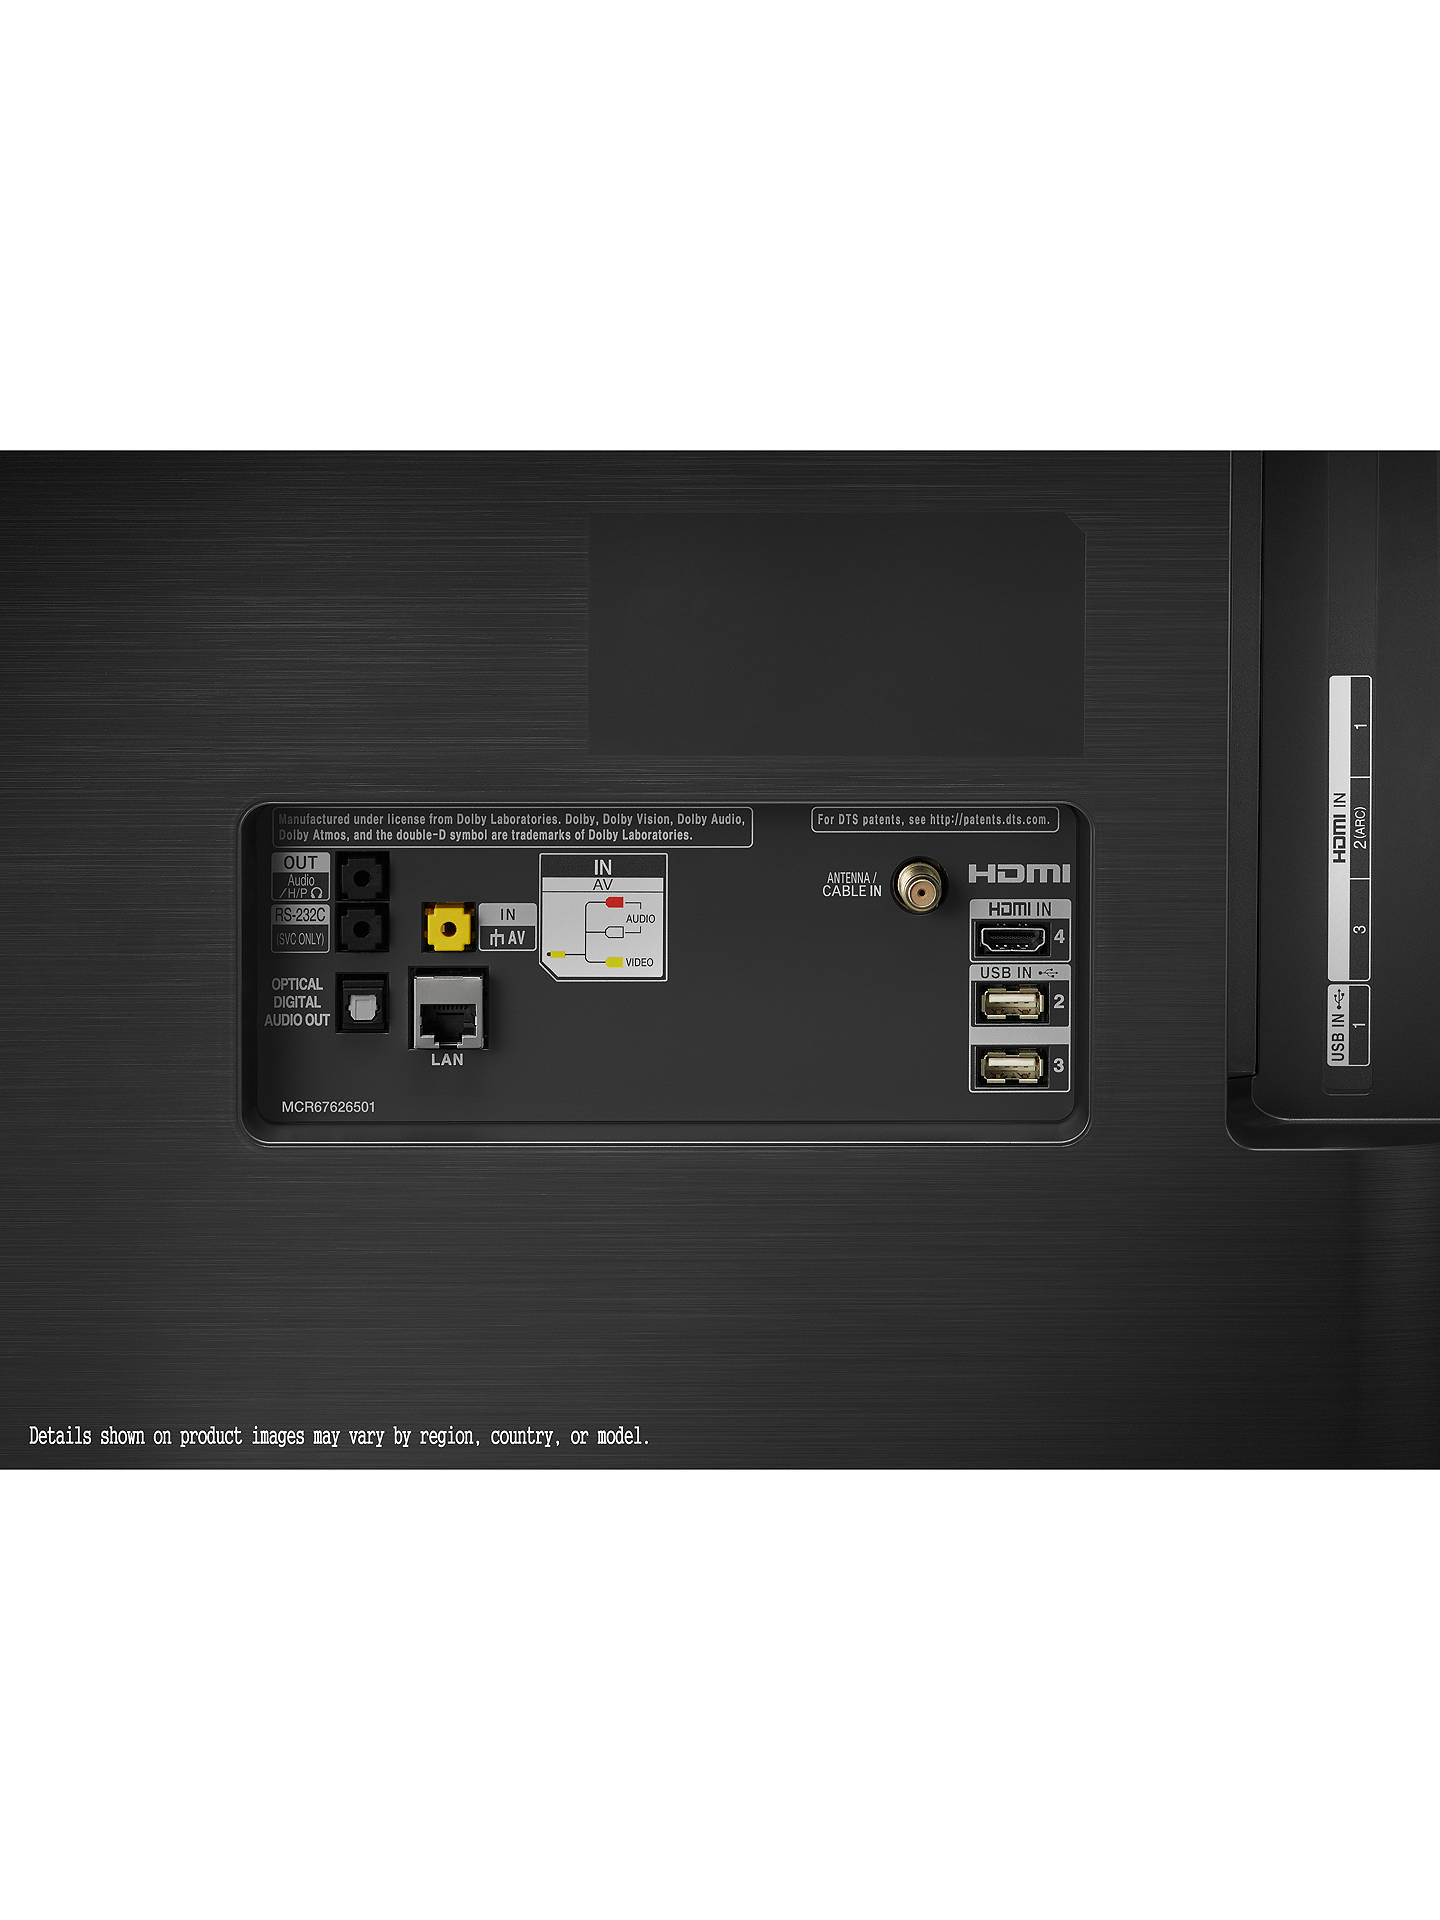 LG OLED65C9PLA (2019) OLED HDR 4K Ultra HD Smart TV, 65